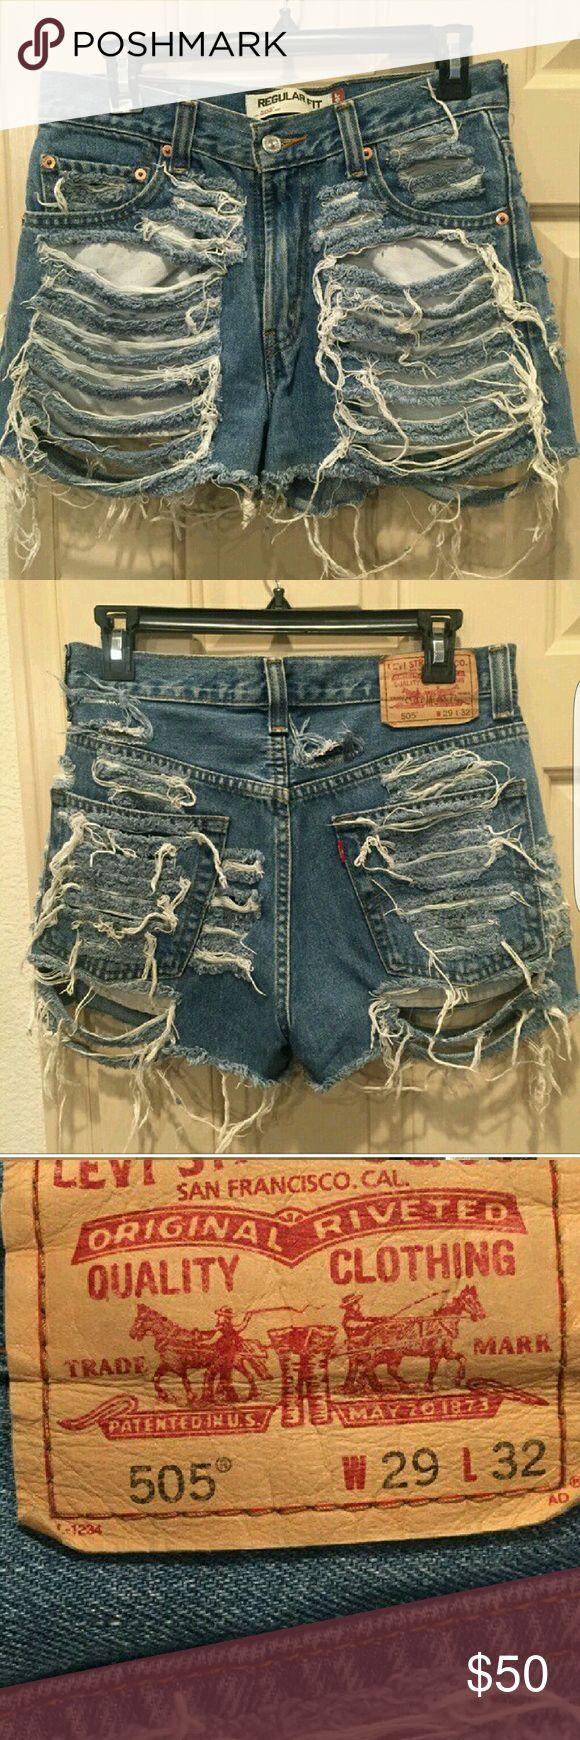 Levi's 505 shredded vintage denim shorts w29 l32 Vintage shredded shorts excellent condition Levi's Jeans